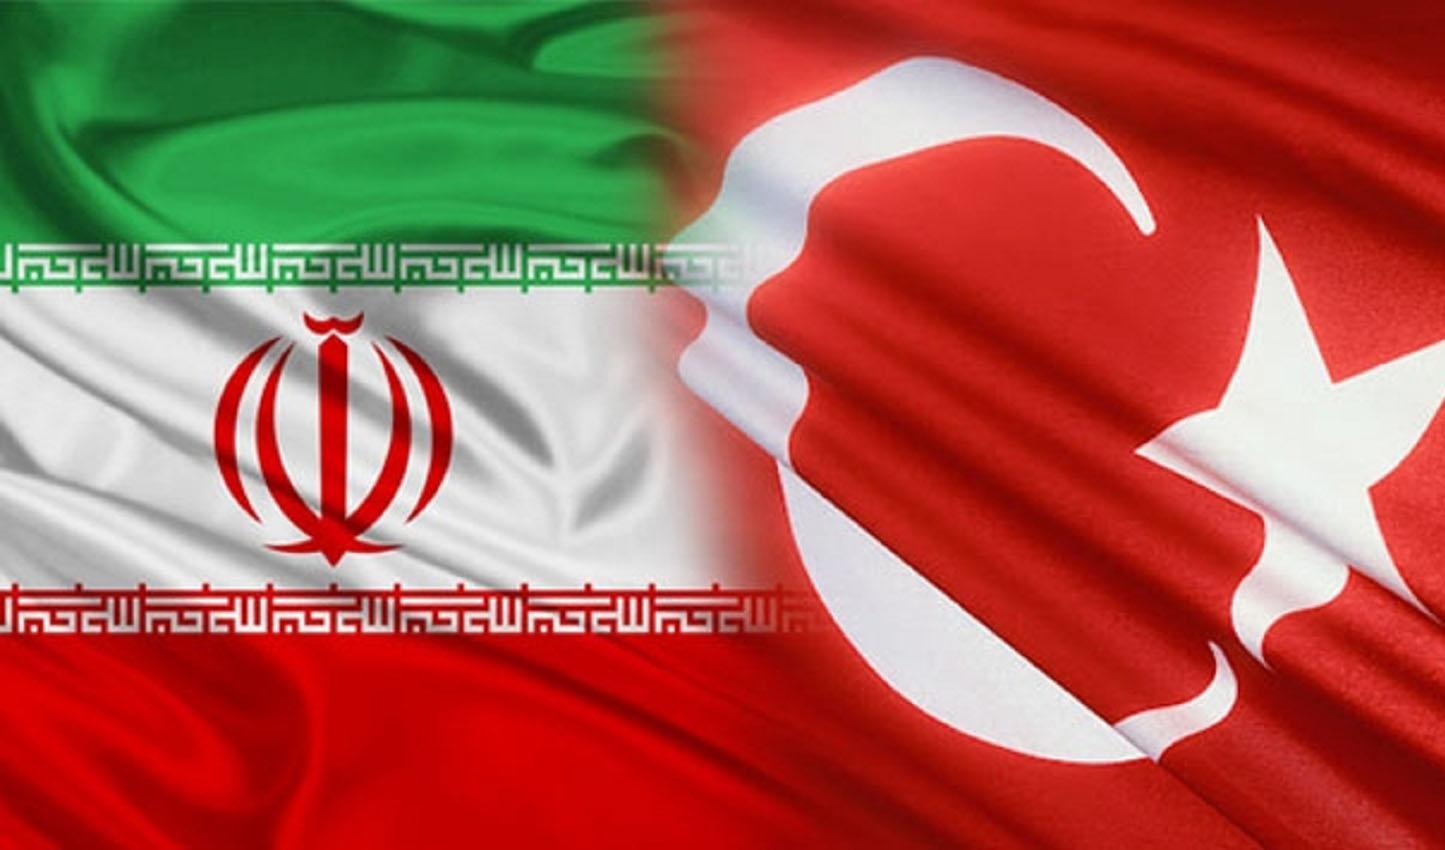 آنکارا روابط همسایگی و تجاری خود با تهران را قربانی سیاستهای آمریکا نمیکند